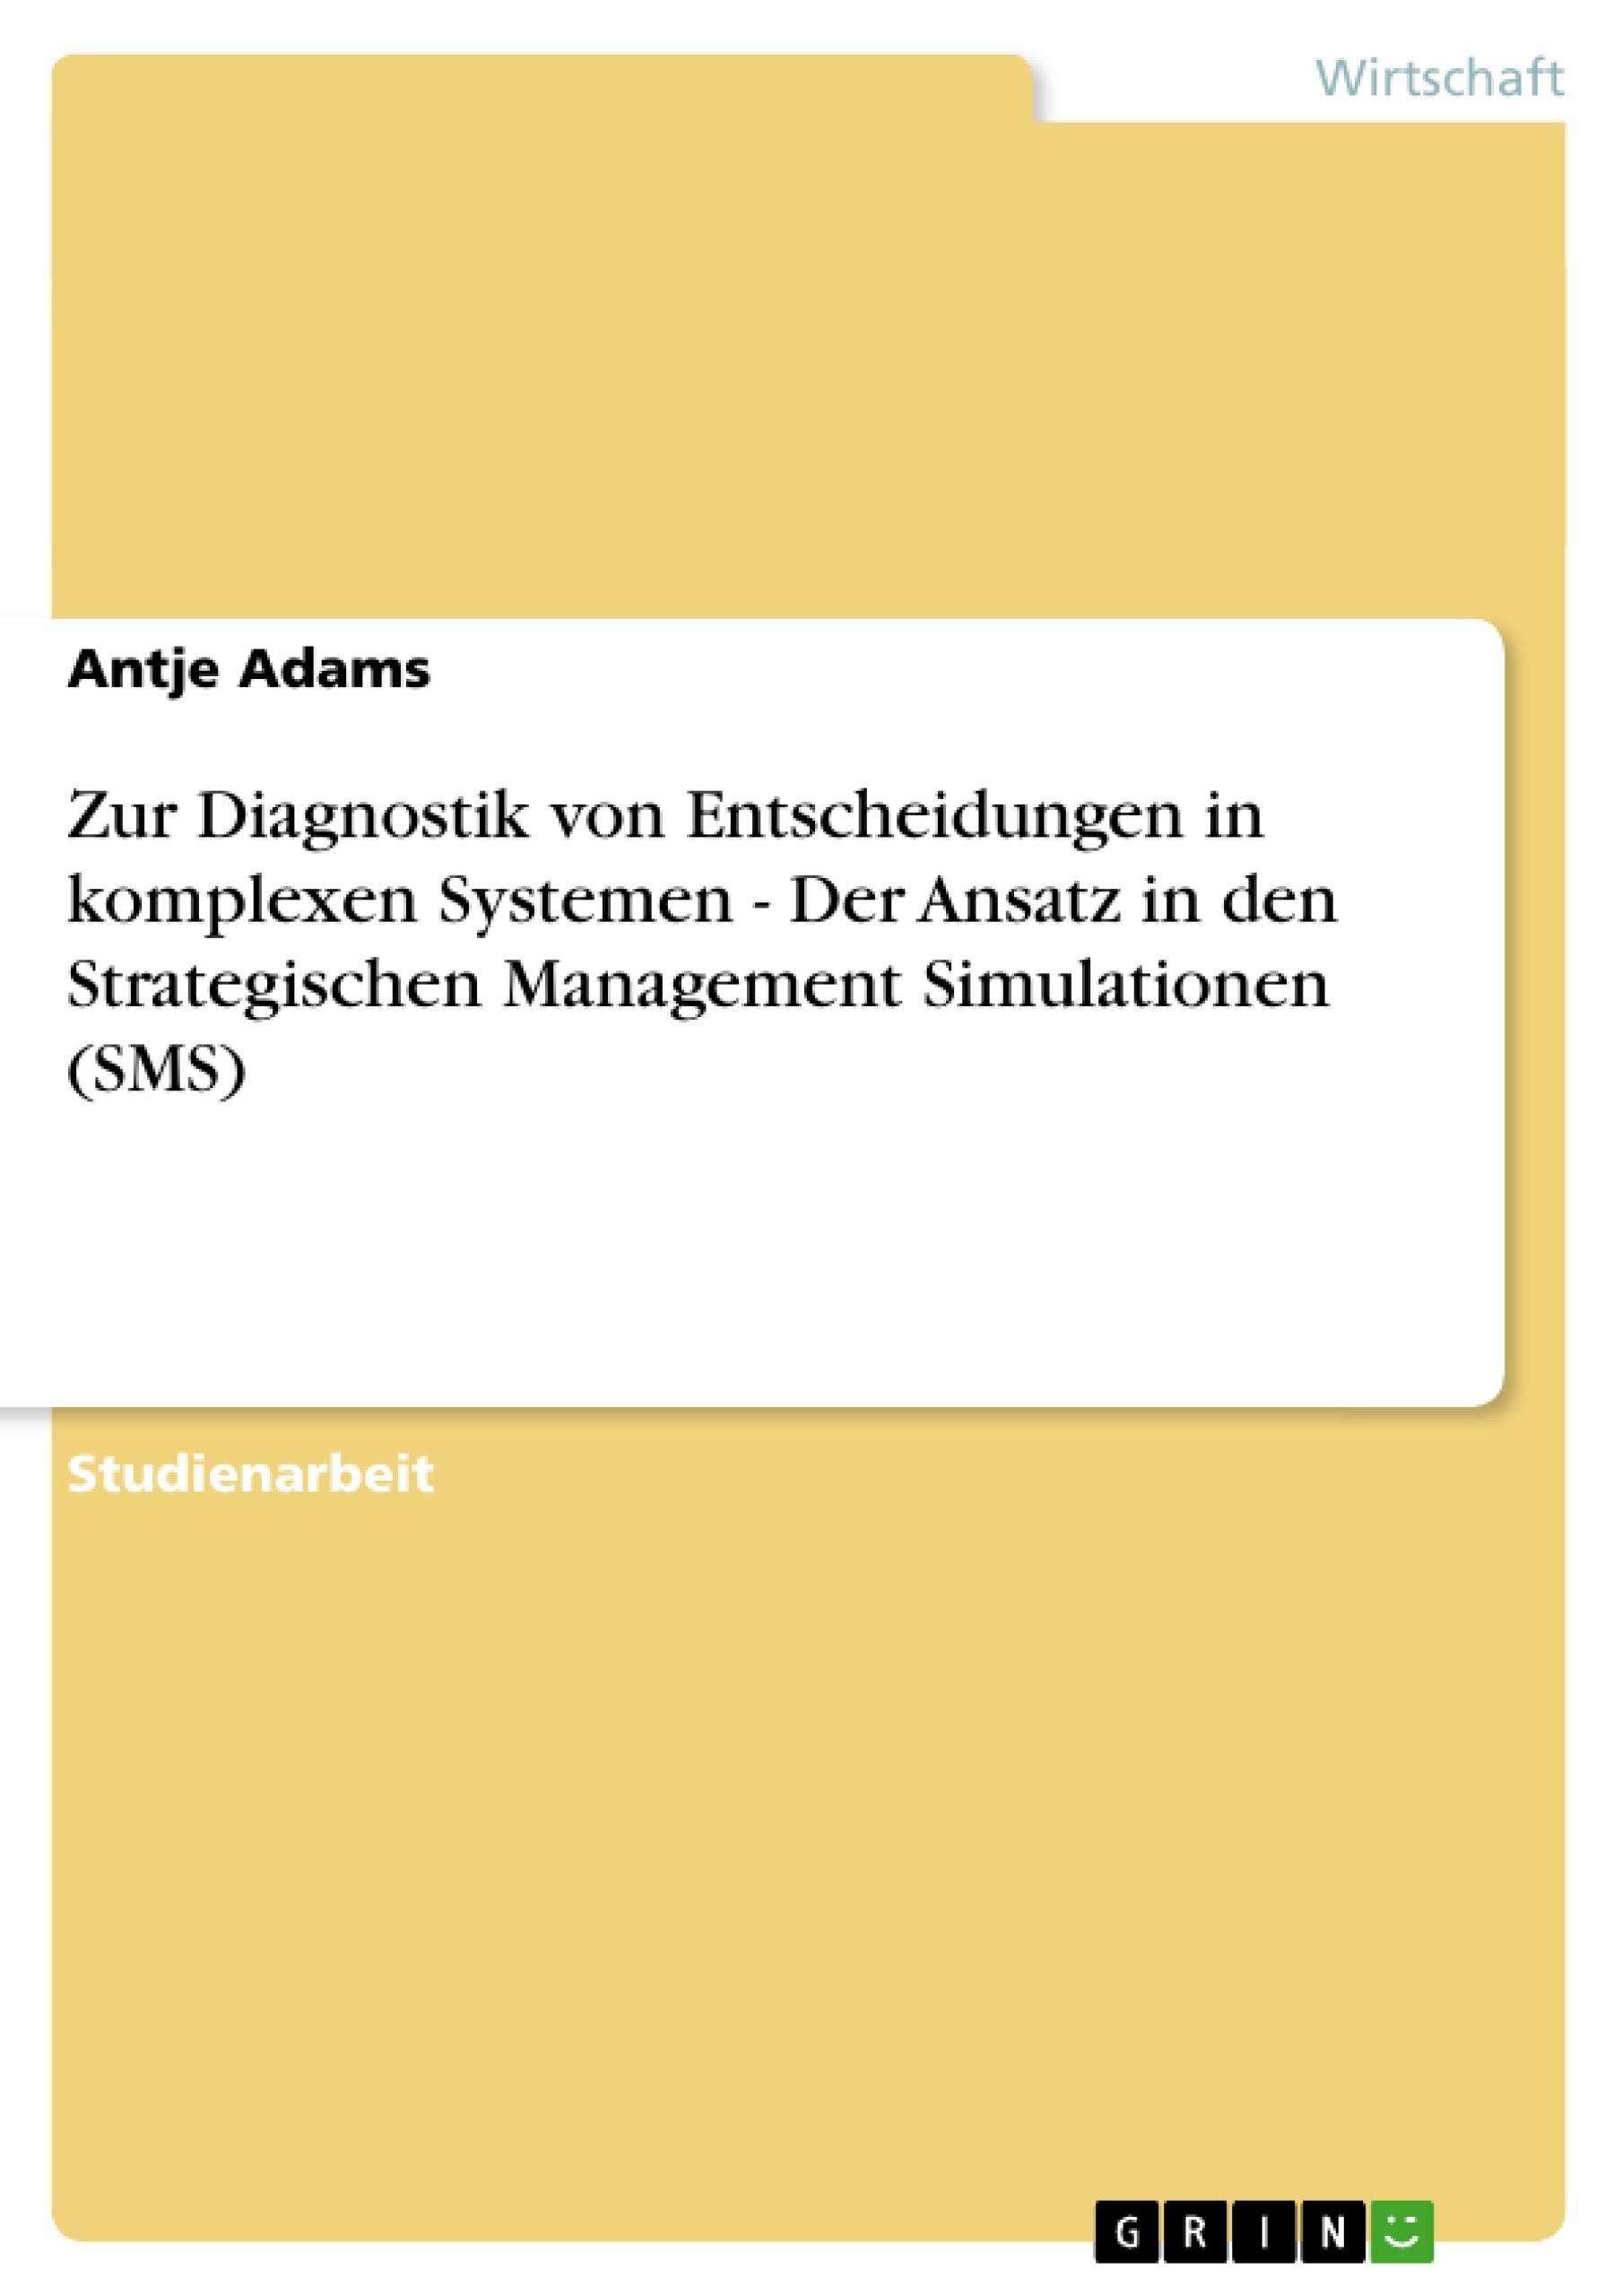 Titel: Zur Diagnostik von Entscheidungen in komplexen Systemen - Der Ansatz in den Strategischen Management Simulationen (SMS)